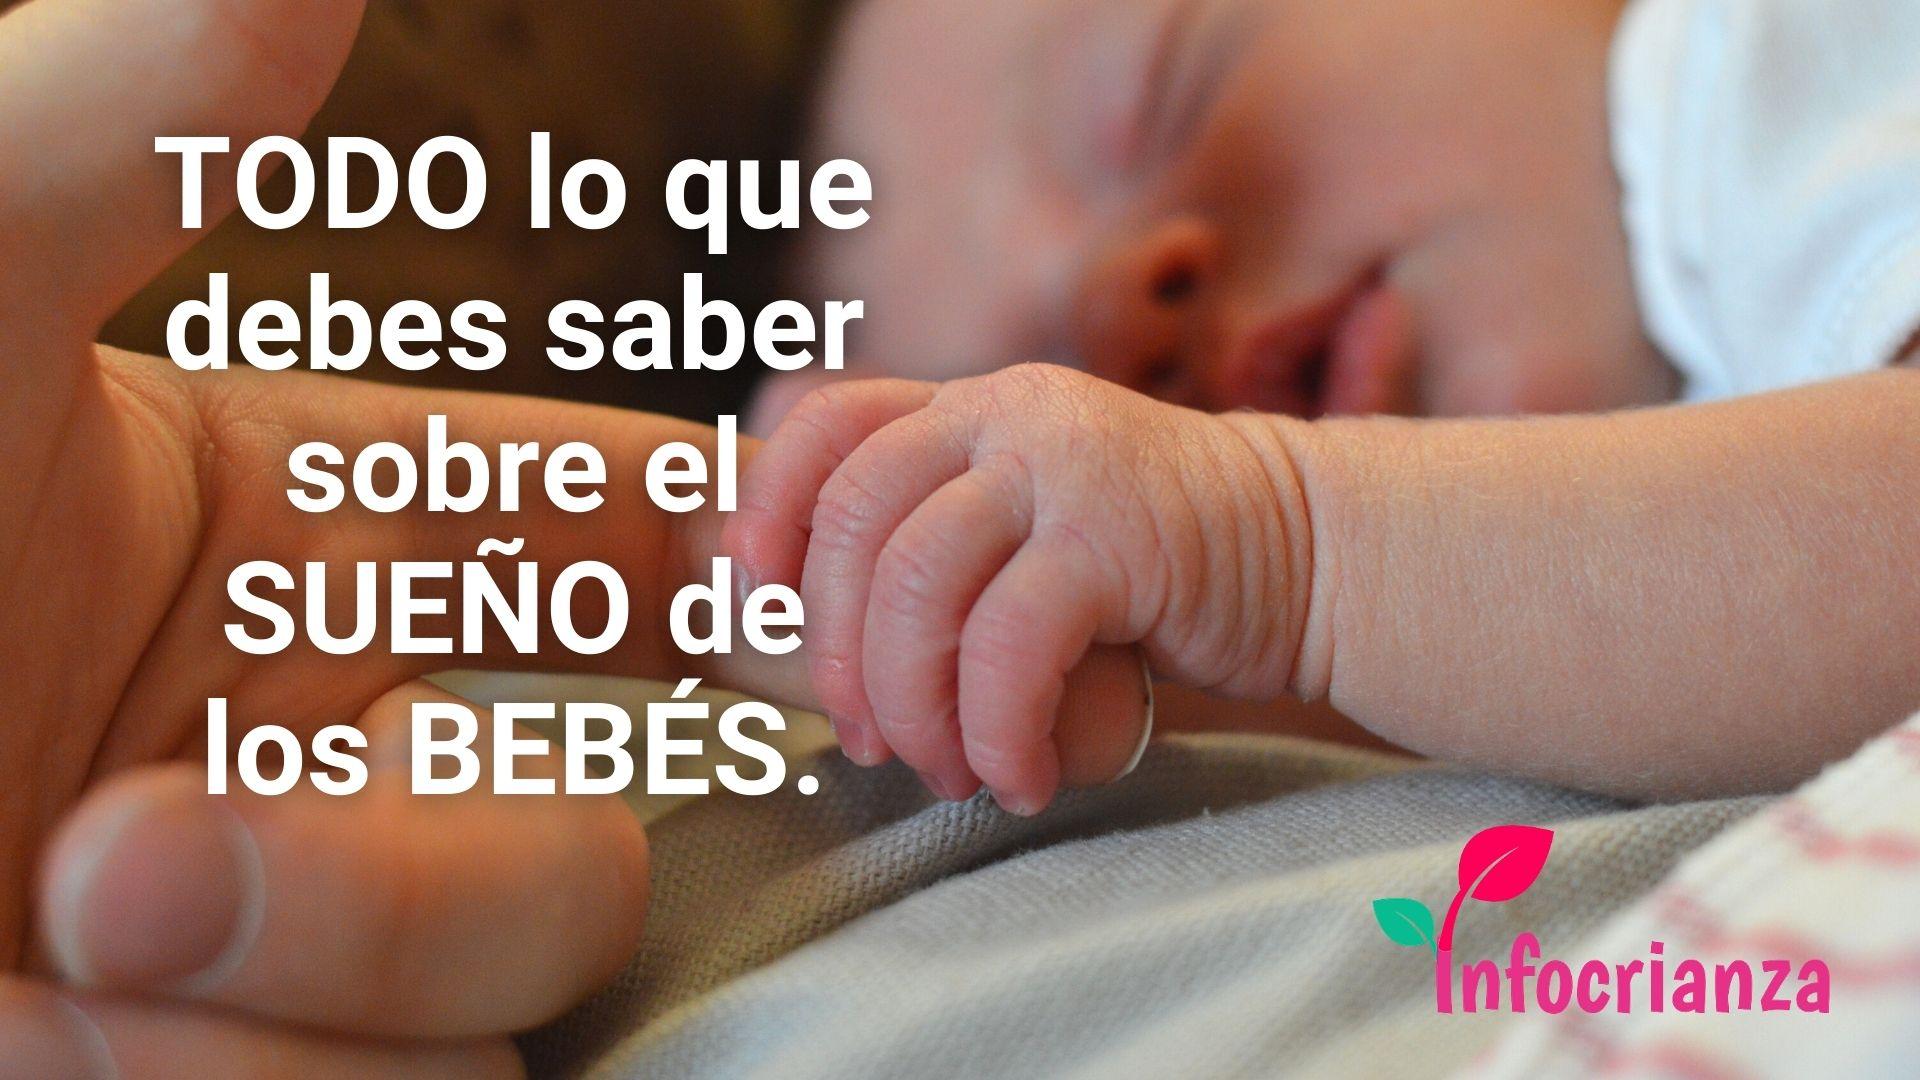 Lo que debes saber sobre el sueño de los bebés